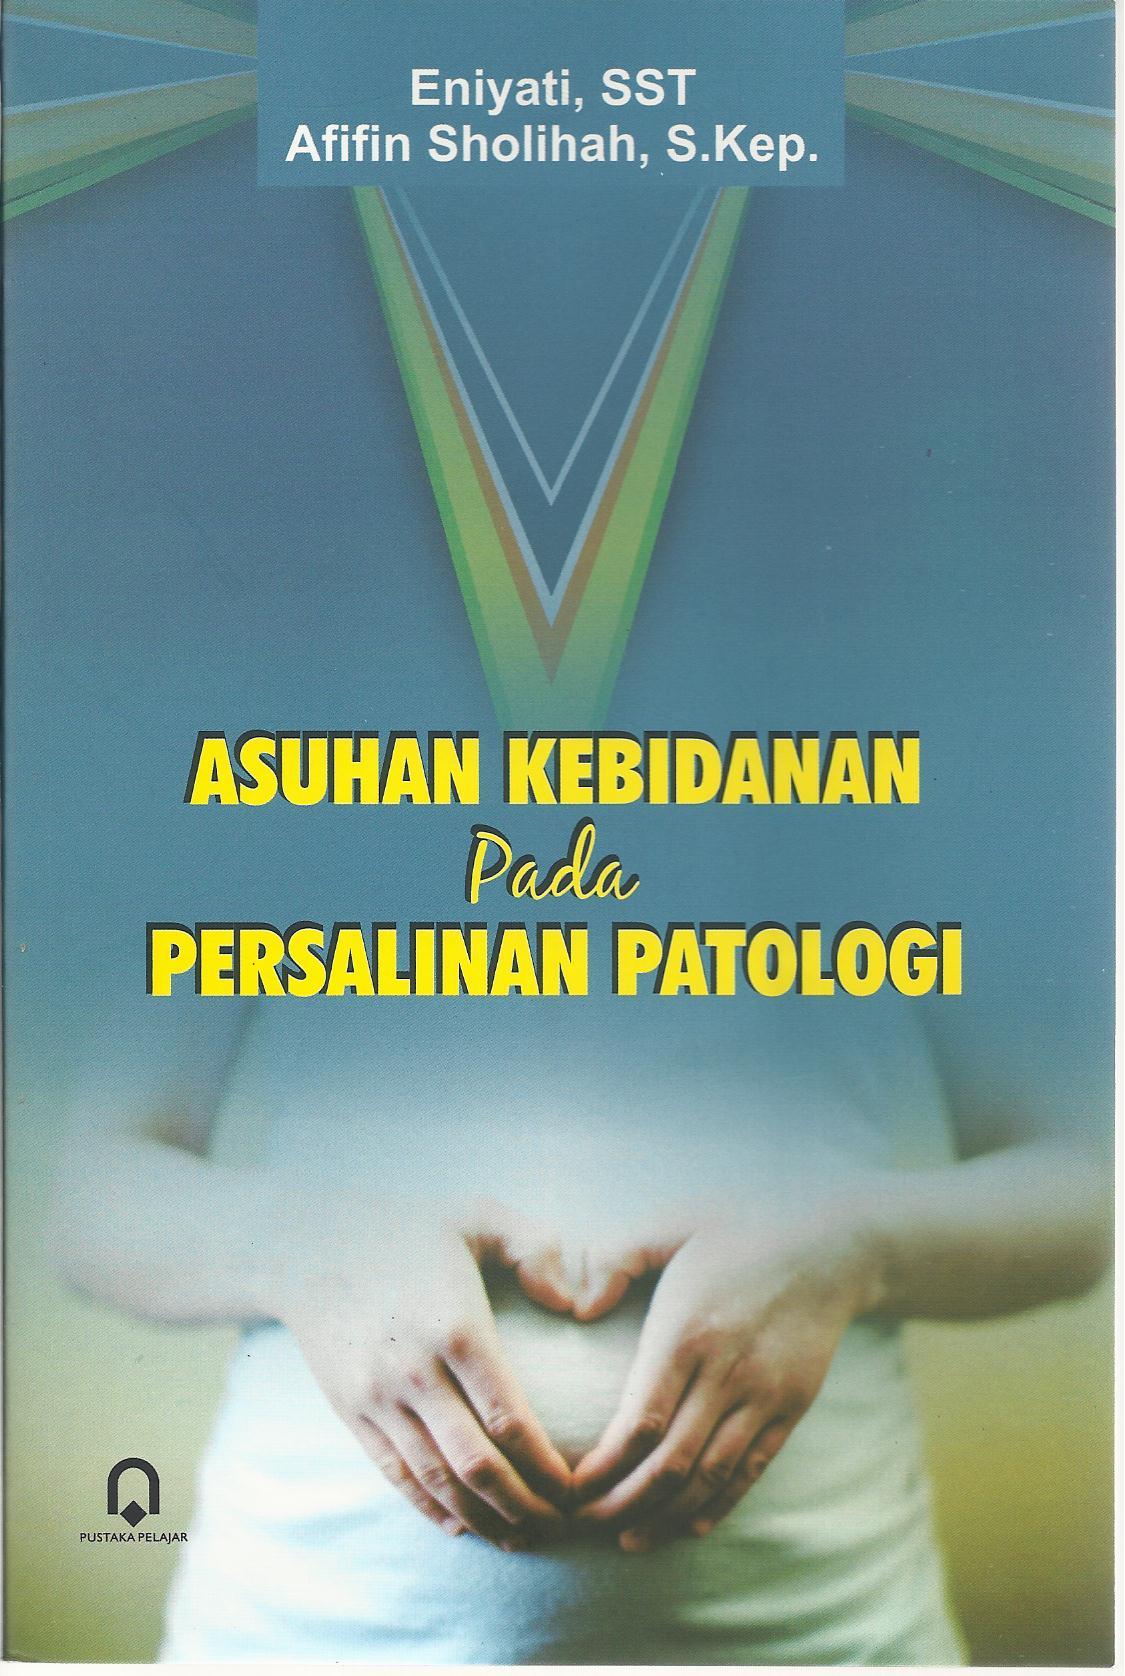 Asuhan Kebidanan Pada Persalinan Patologi